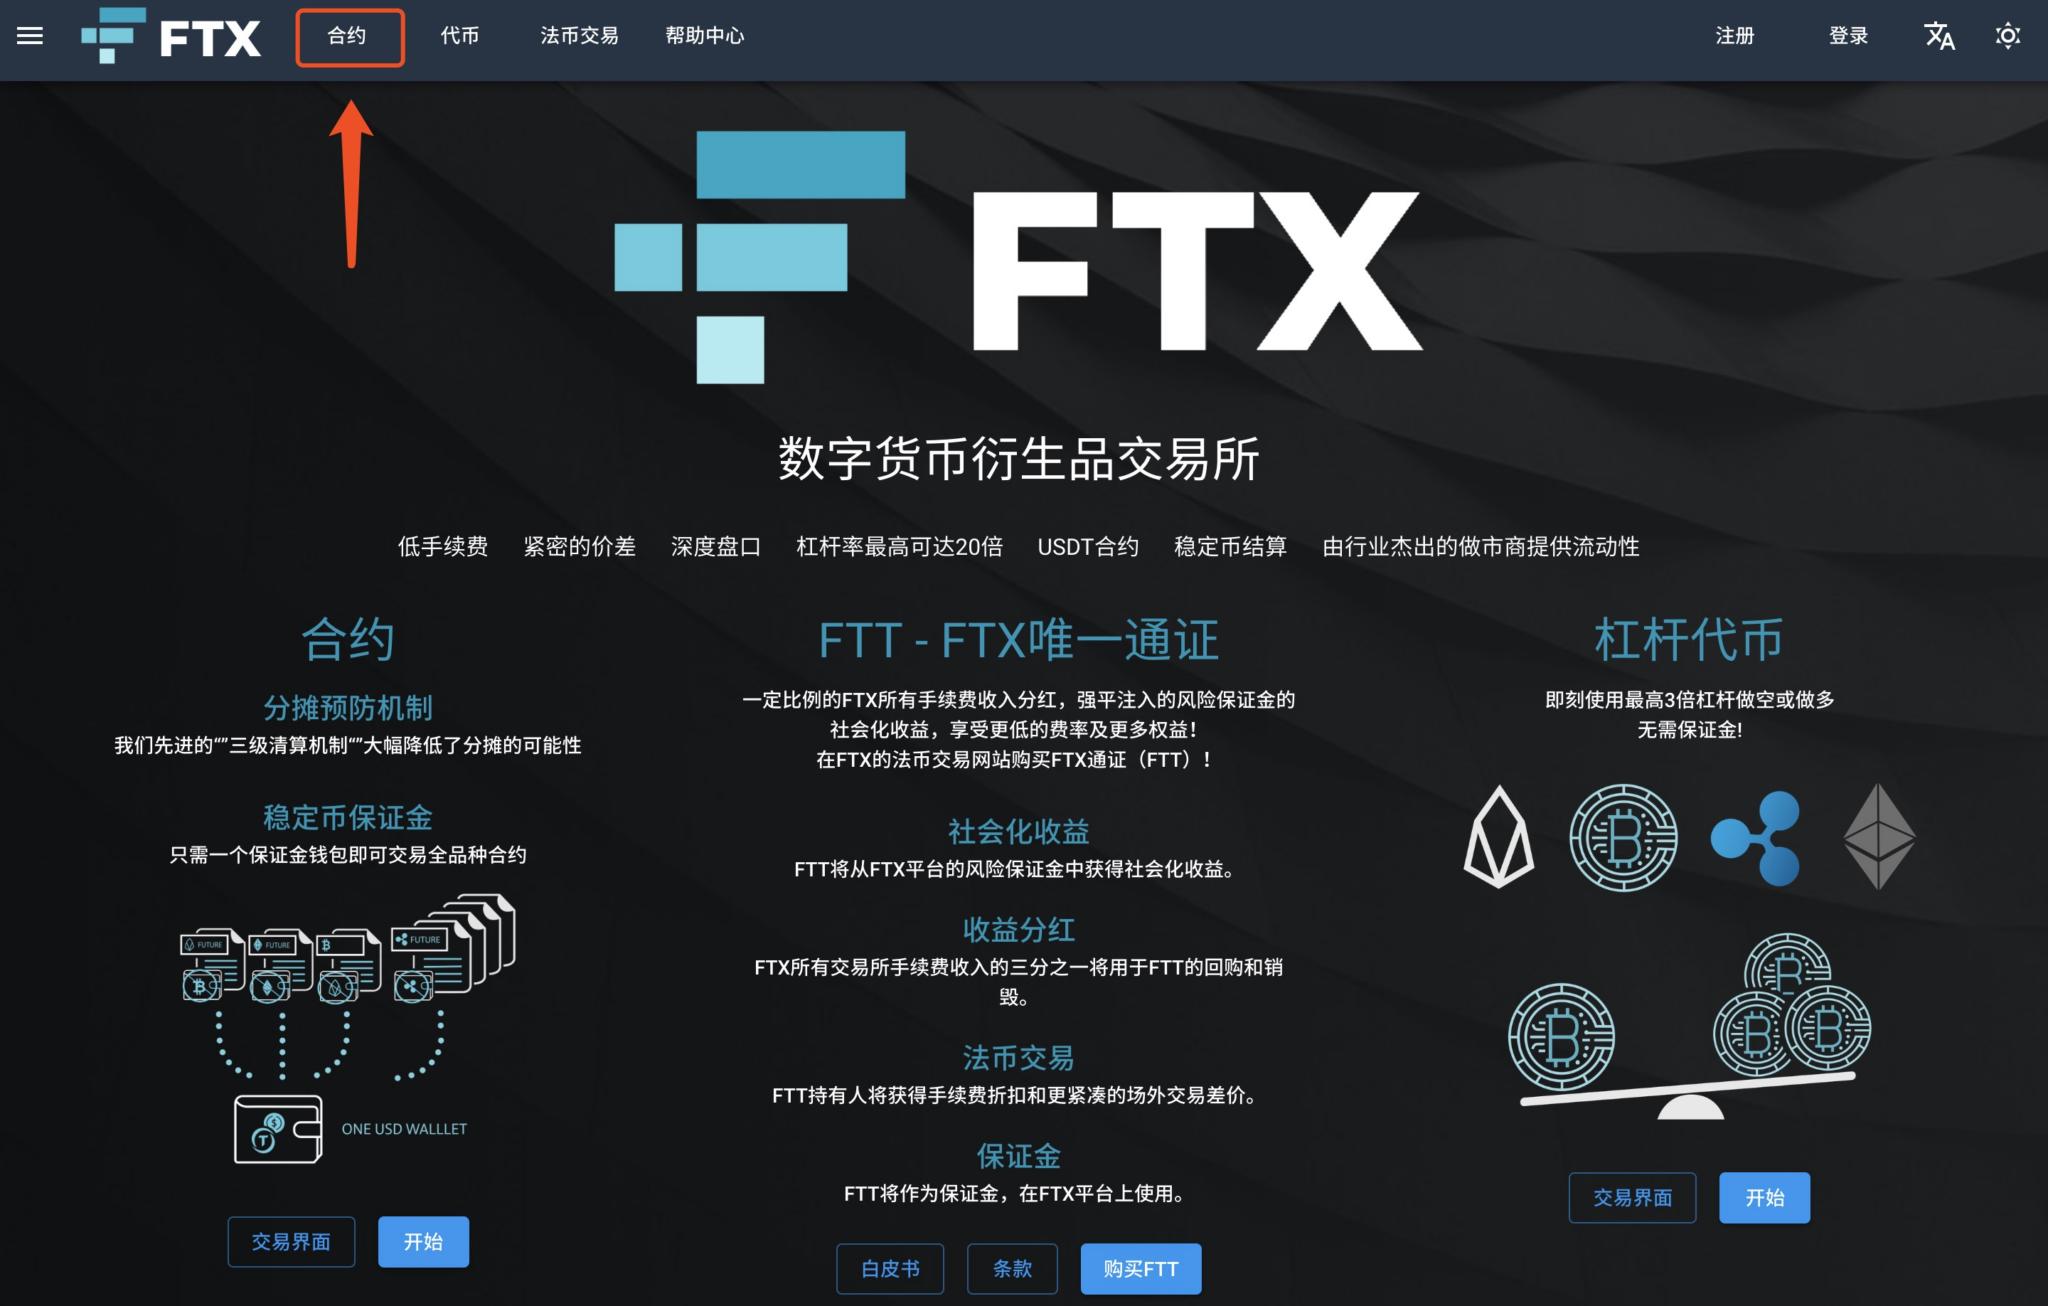 FTX合约交易-网页端操作指南